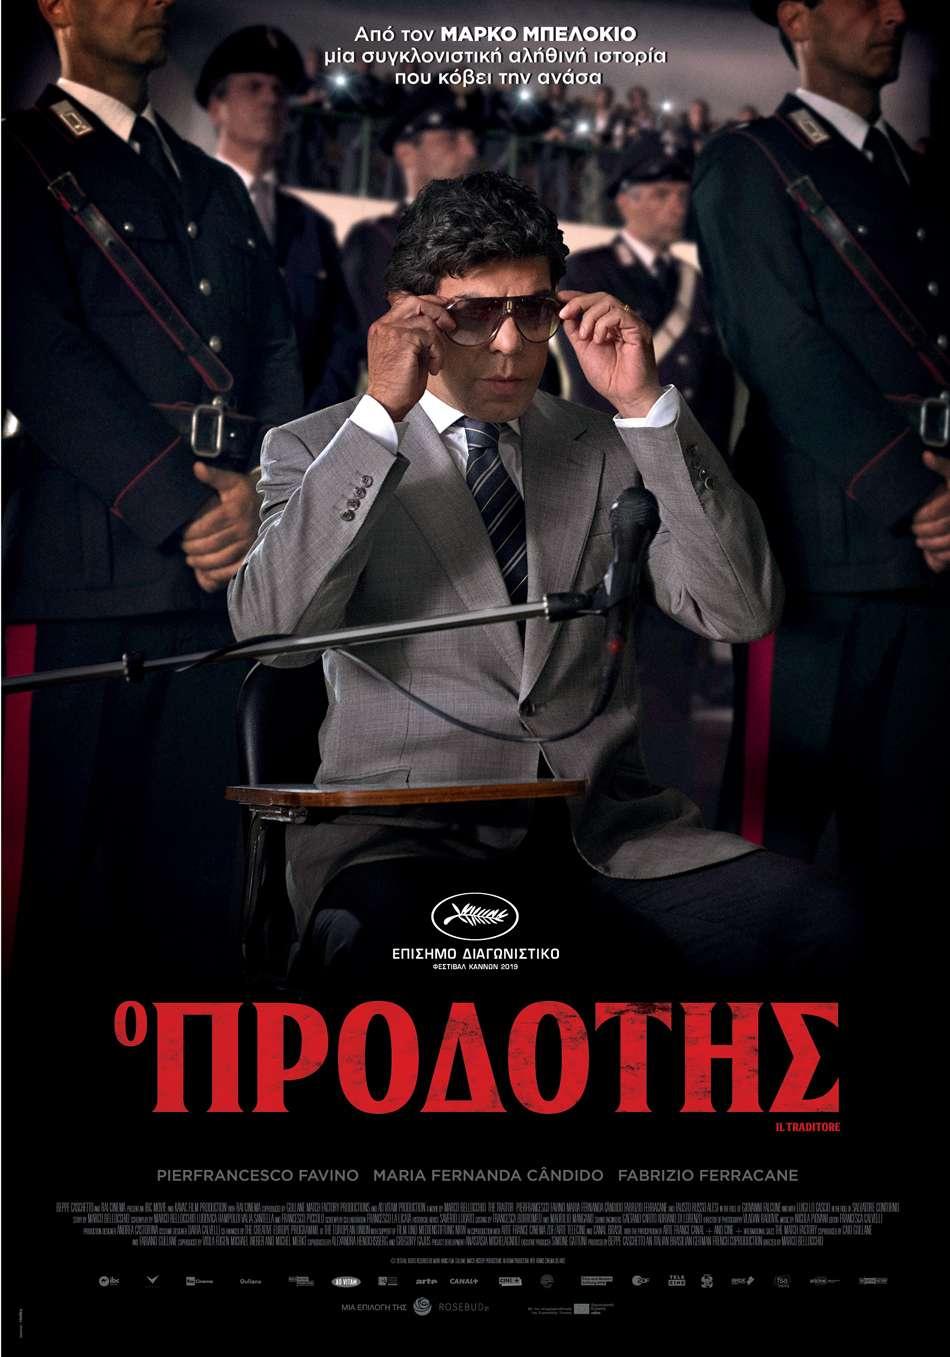 Ο Προδότης (Il traditore / The Traitor) Poster